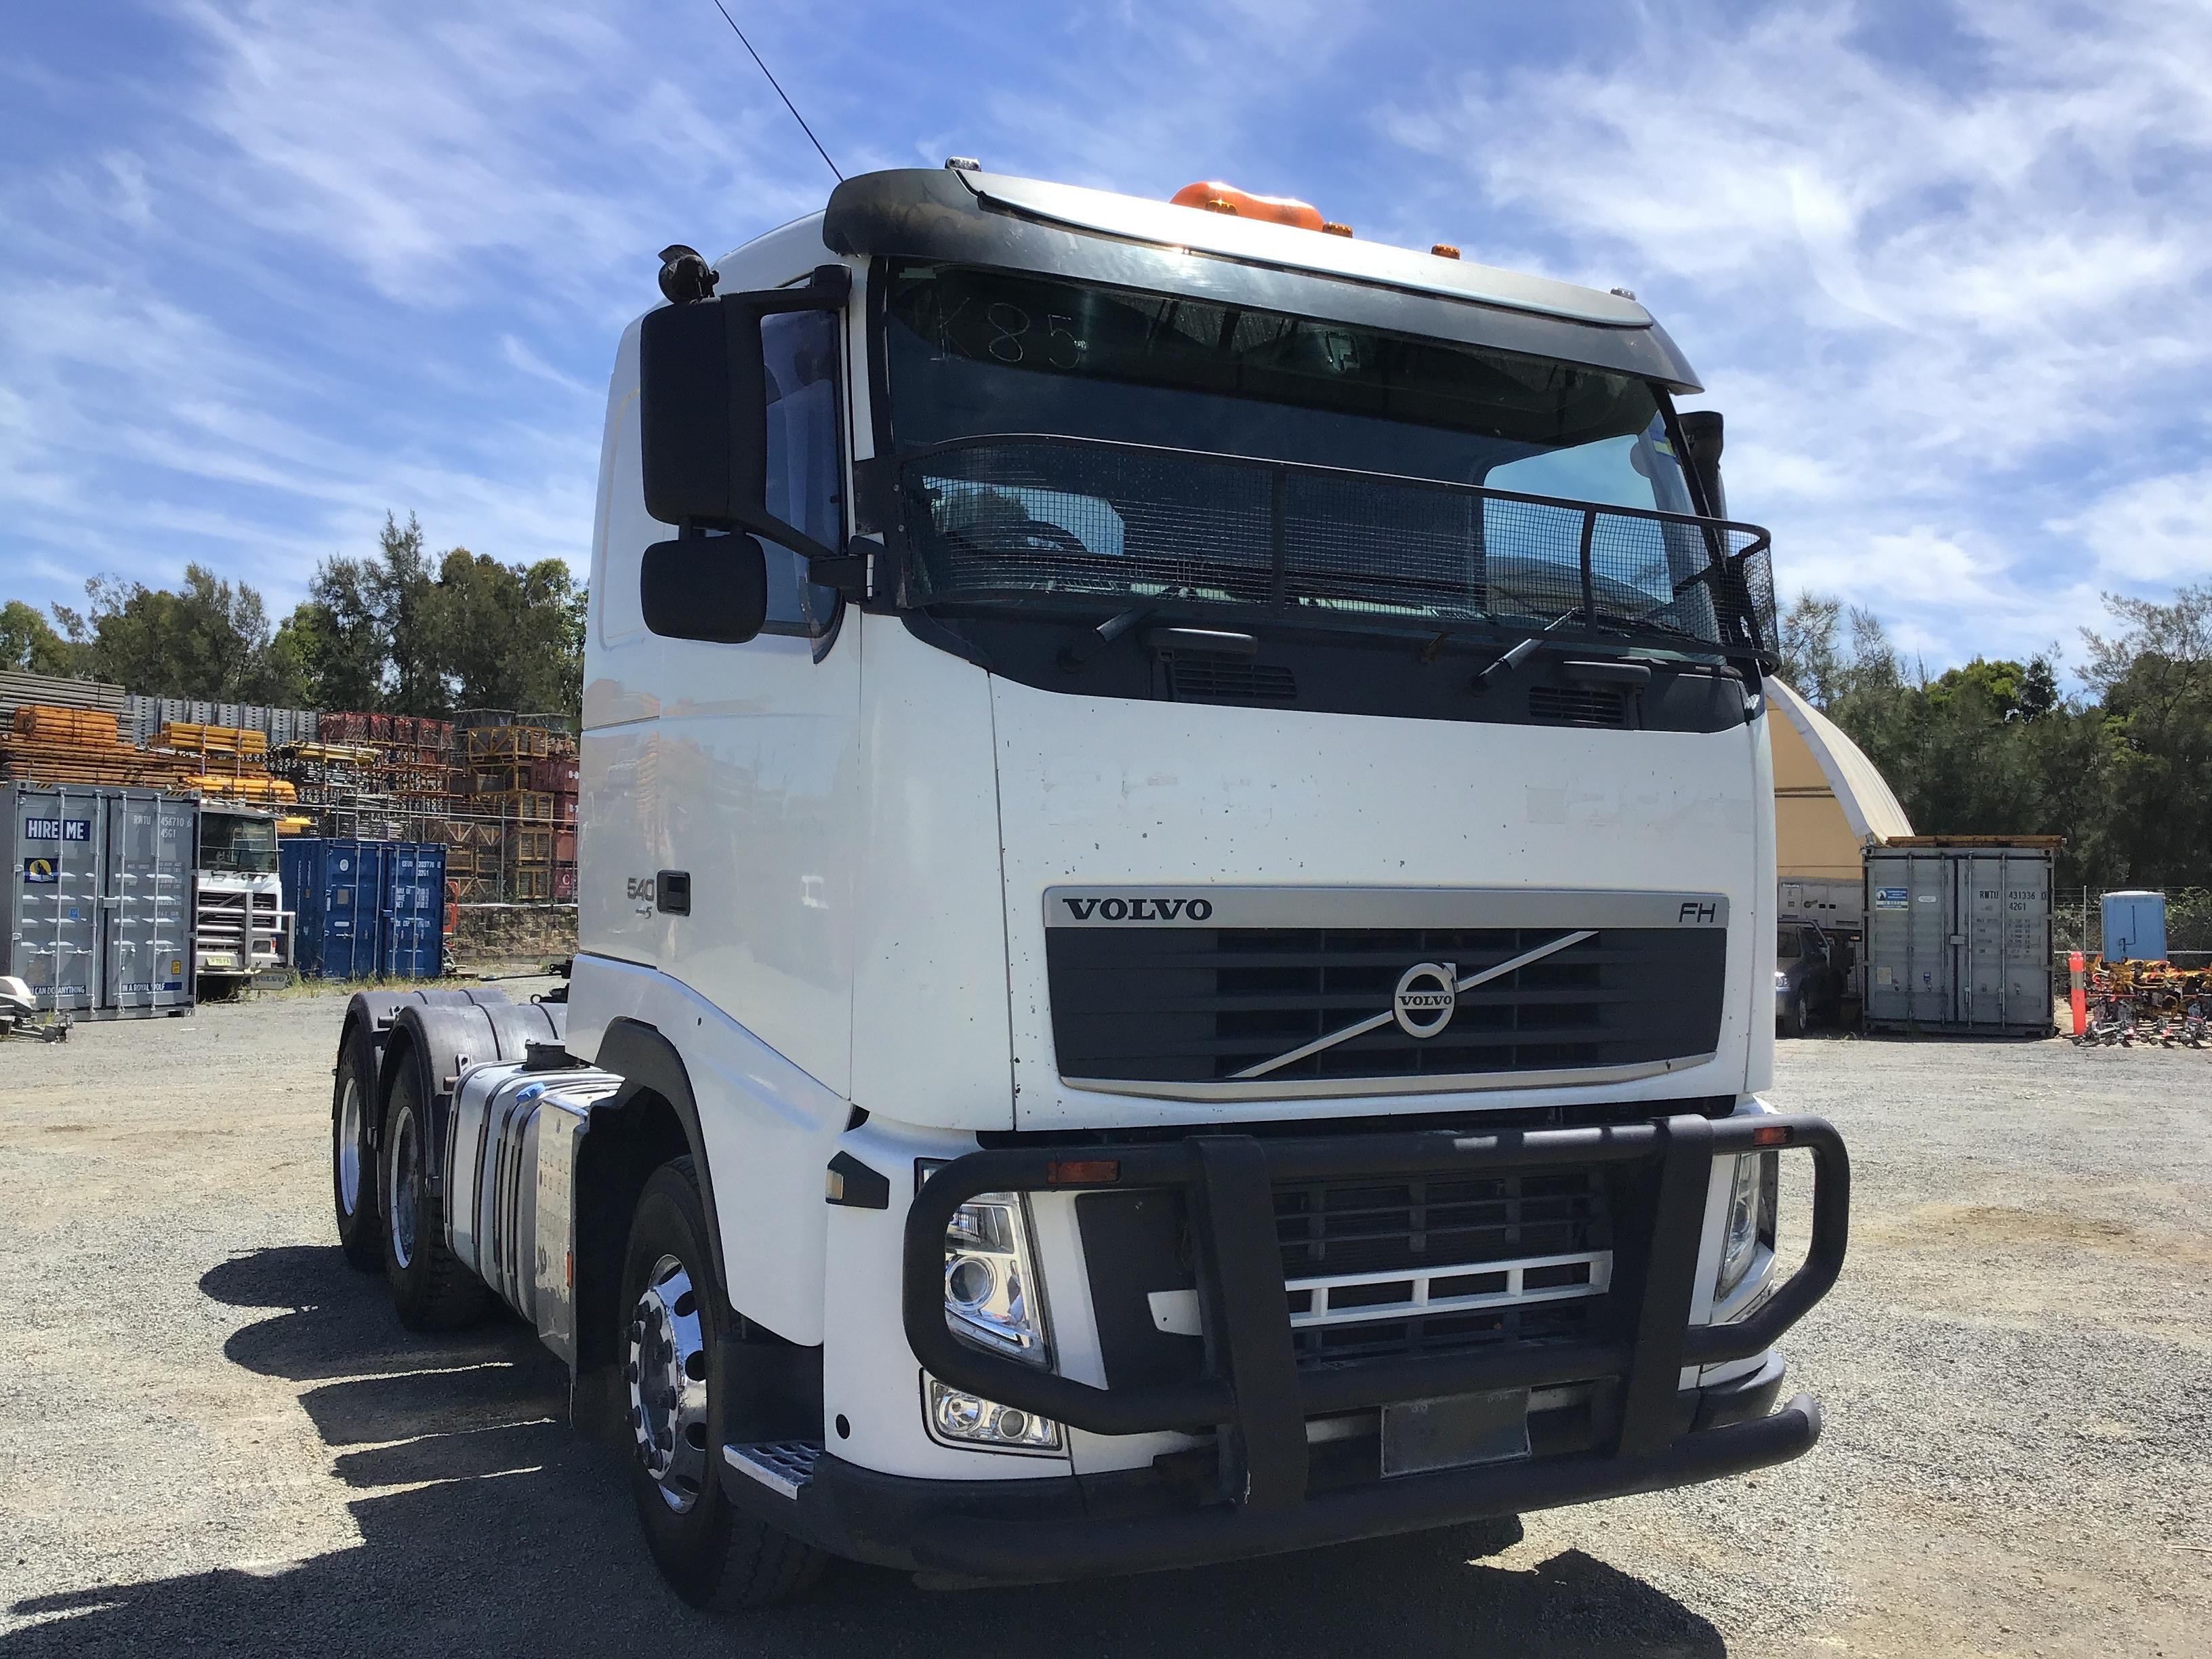 2010 Volvo FH540 6 x 4 Prime Mover Truck